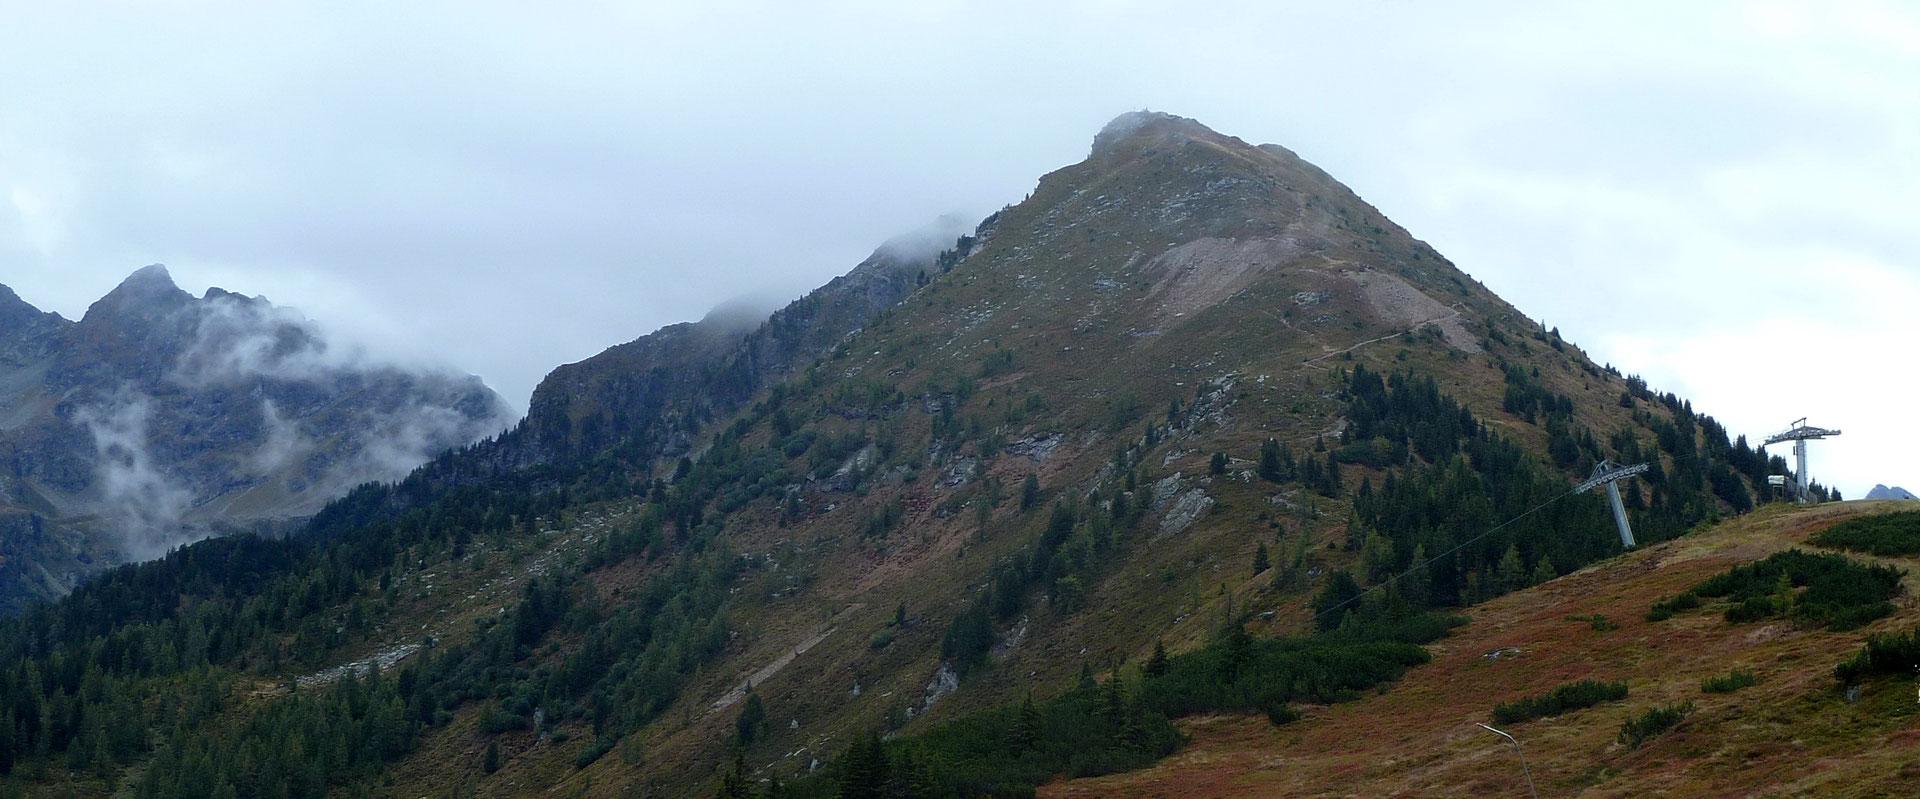 Viel Gipfelblick für wenig Mühe Wizi´s Bergwelt Das